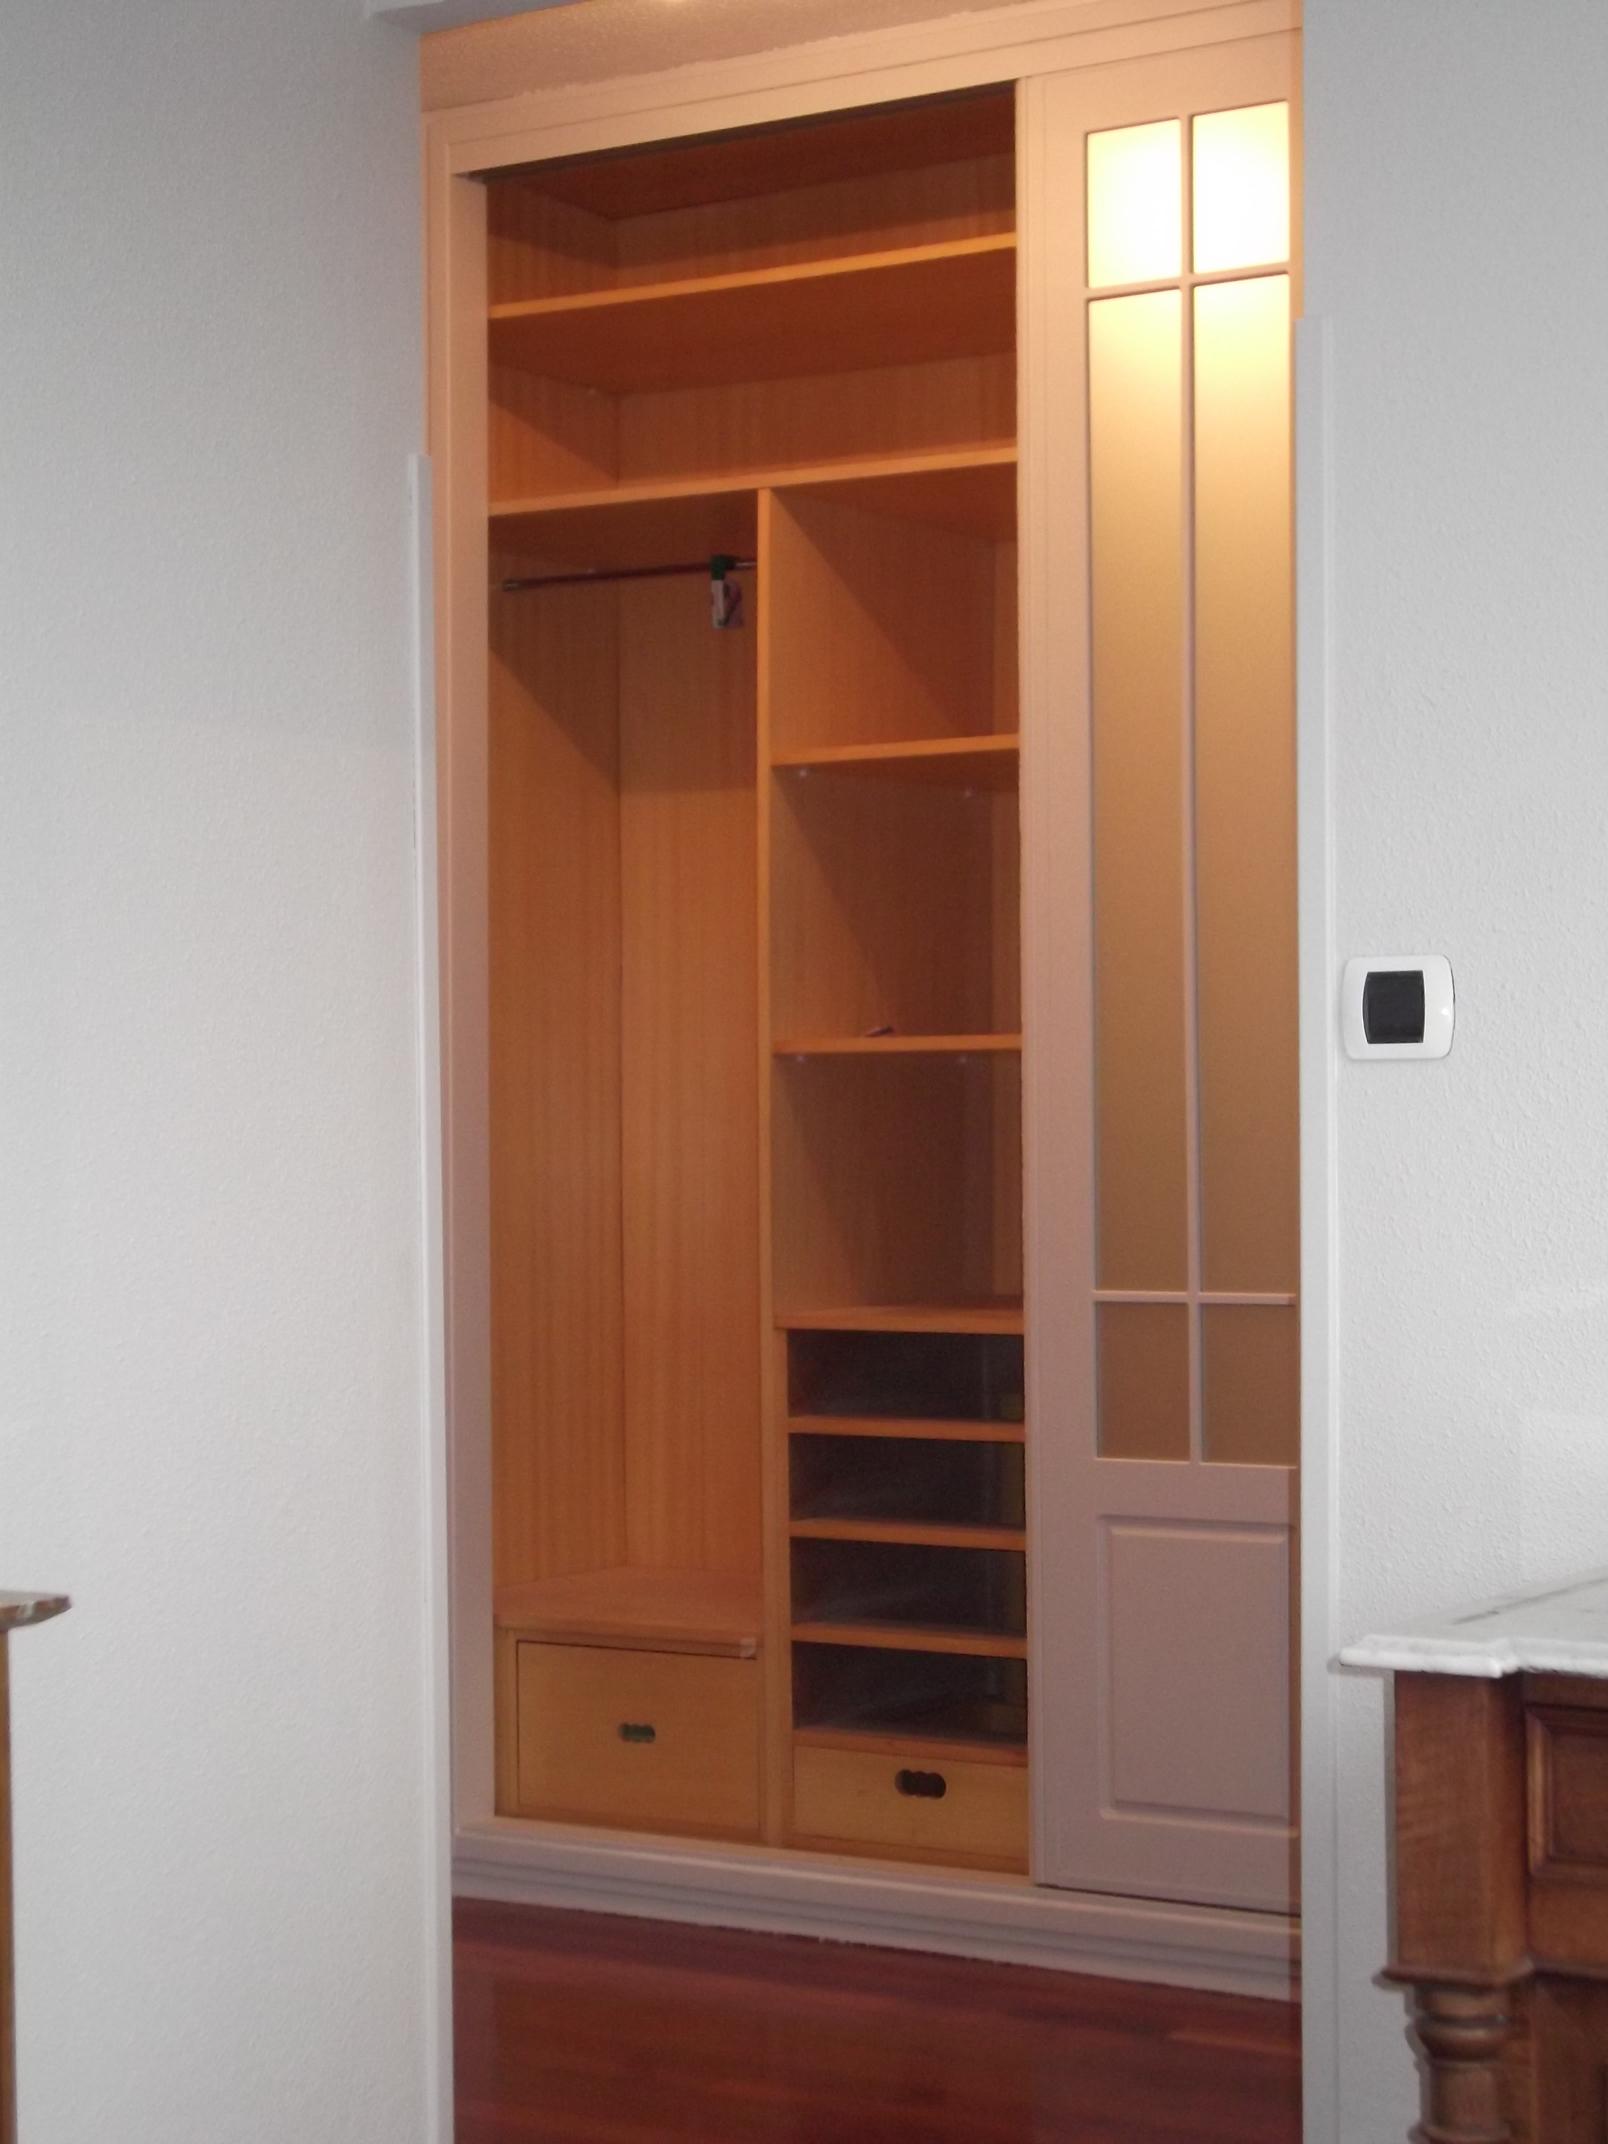 armario-vidriera-abierto-carpinteria-zaballa-bizkaia